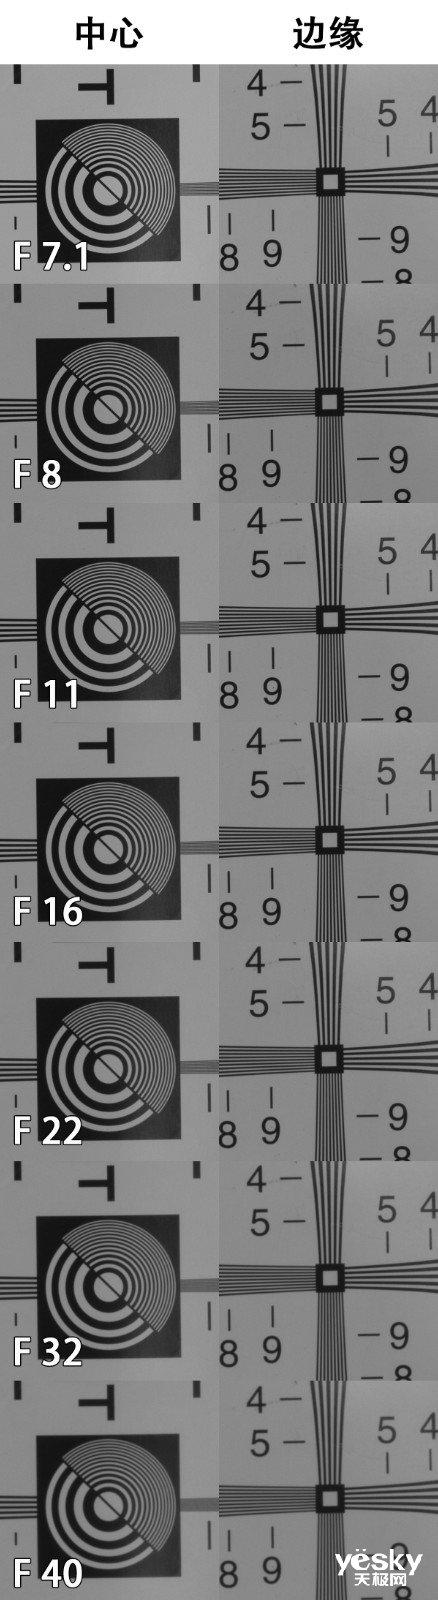 挂机镜头中的实力派 佳能RF24-105mm F4-7.1 IS STM体验简评